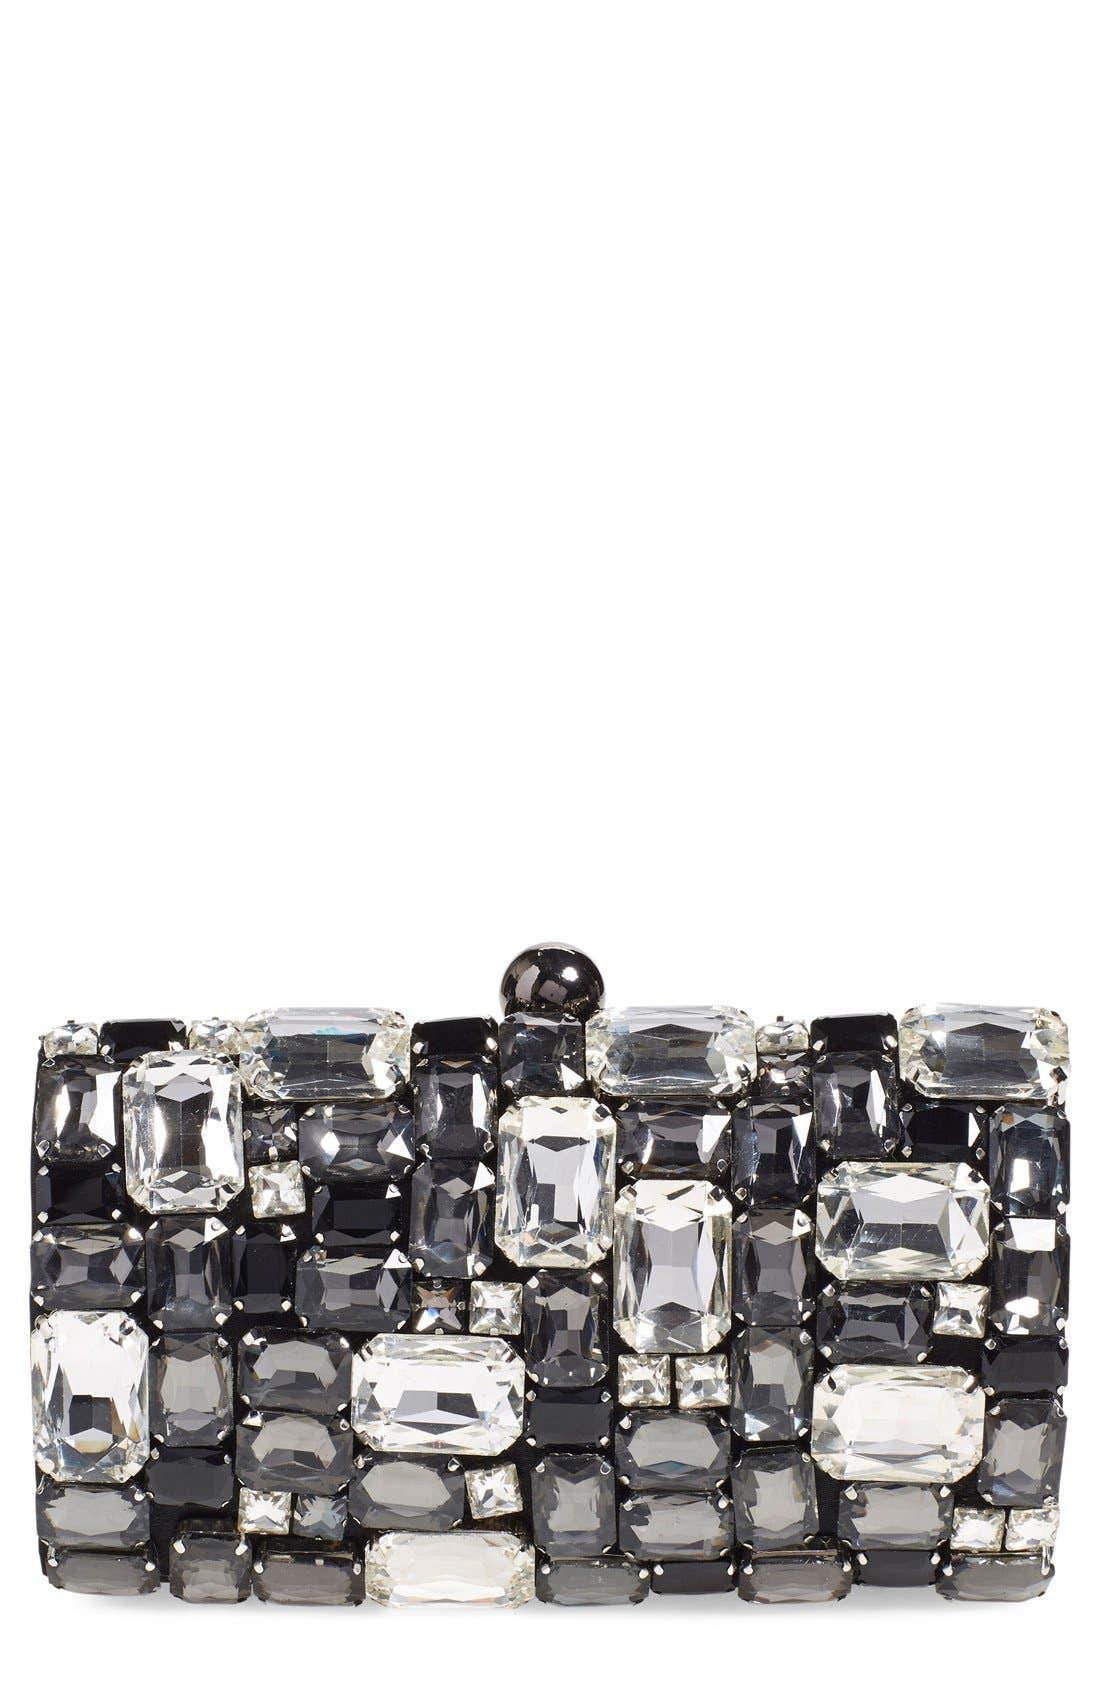 Crystal Embellished Clutch, Main, color, 001